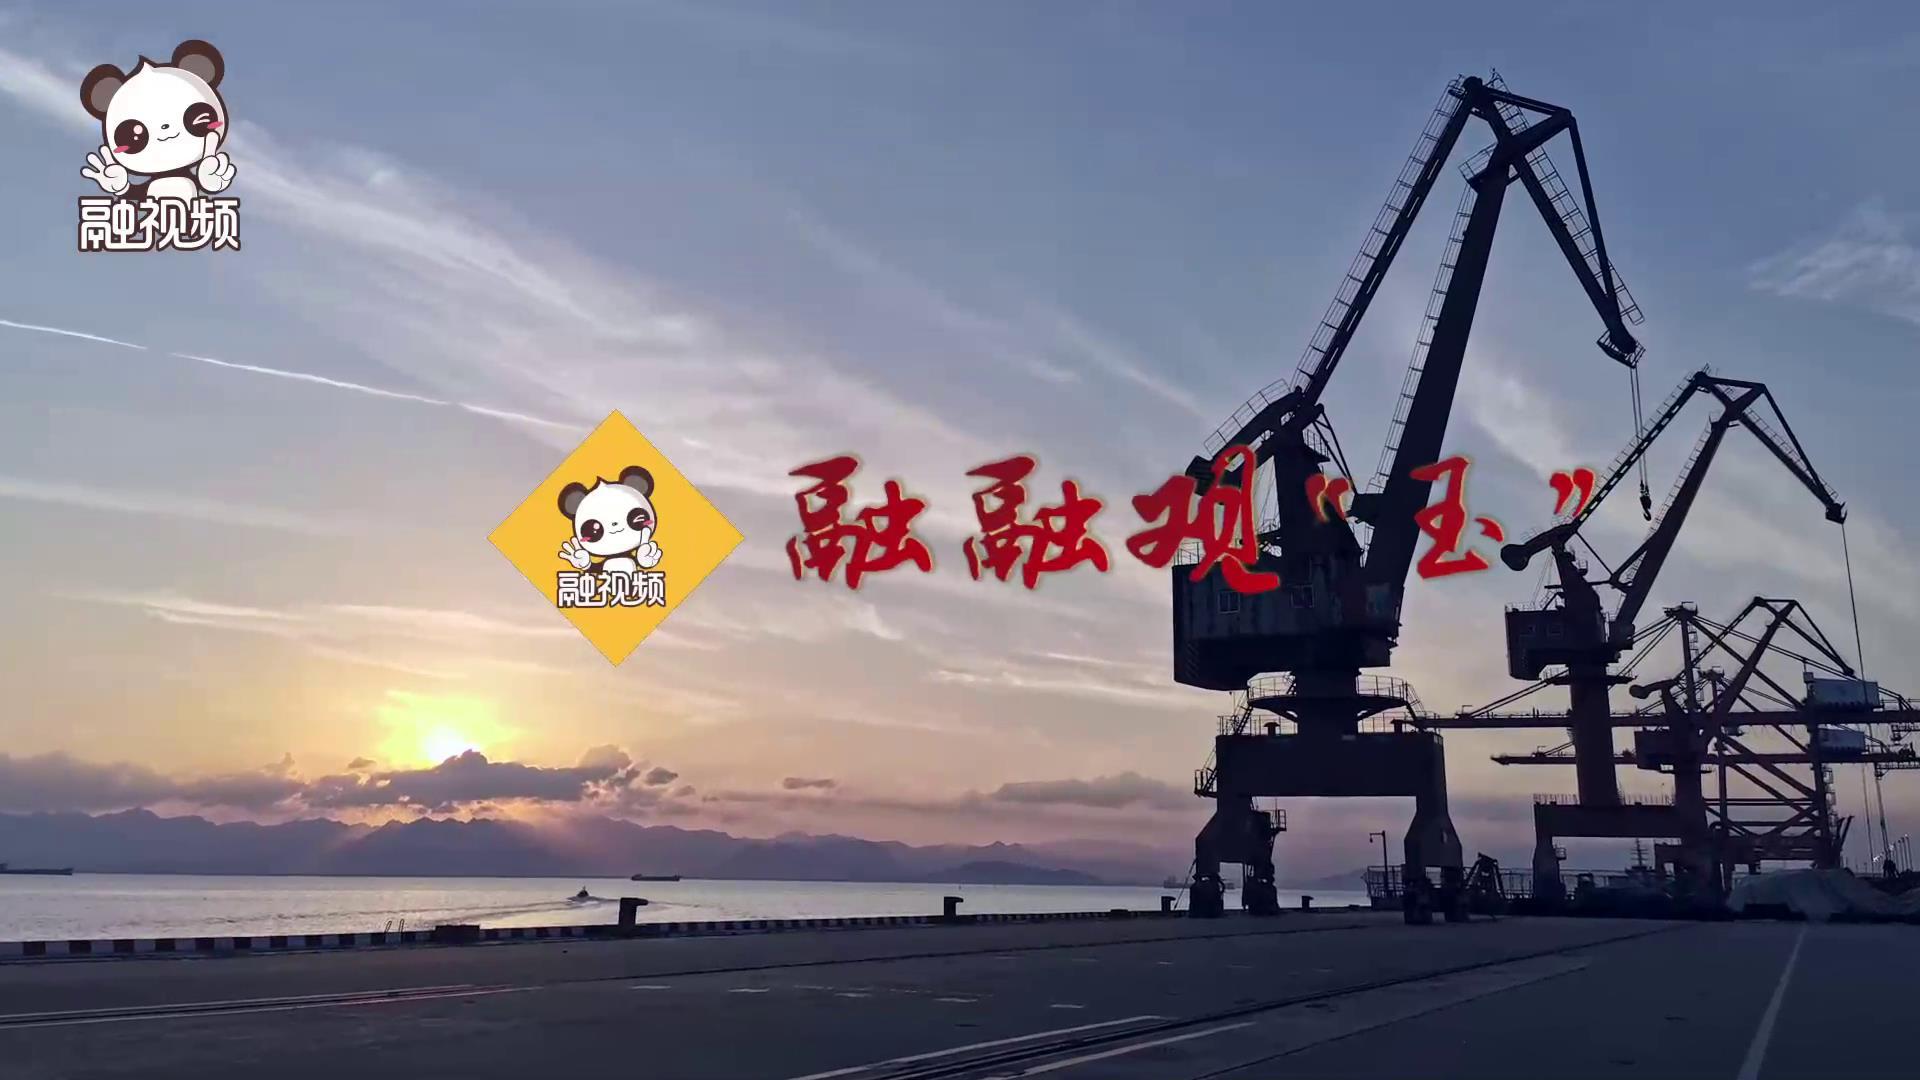 浙江大麦屿港—台湾基隆港客运突破20万 需修改标题图片